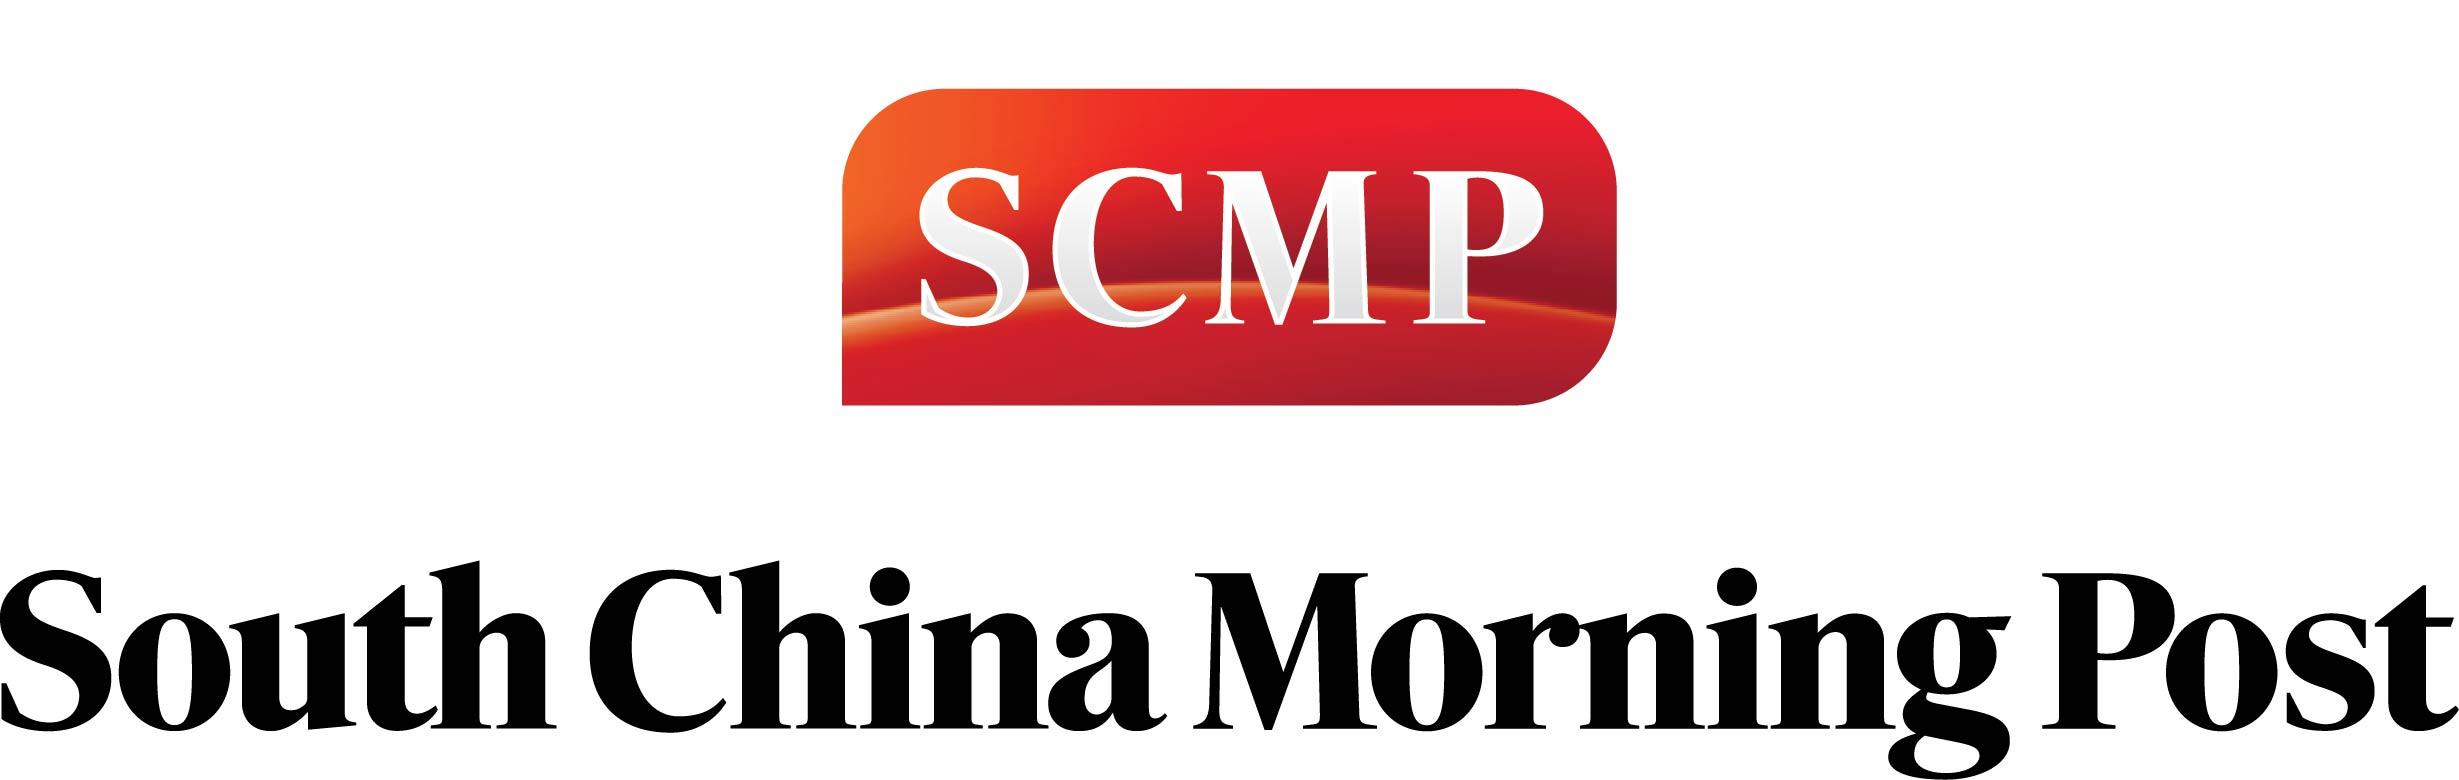 SCMP_no-tag.jpg